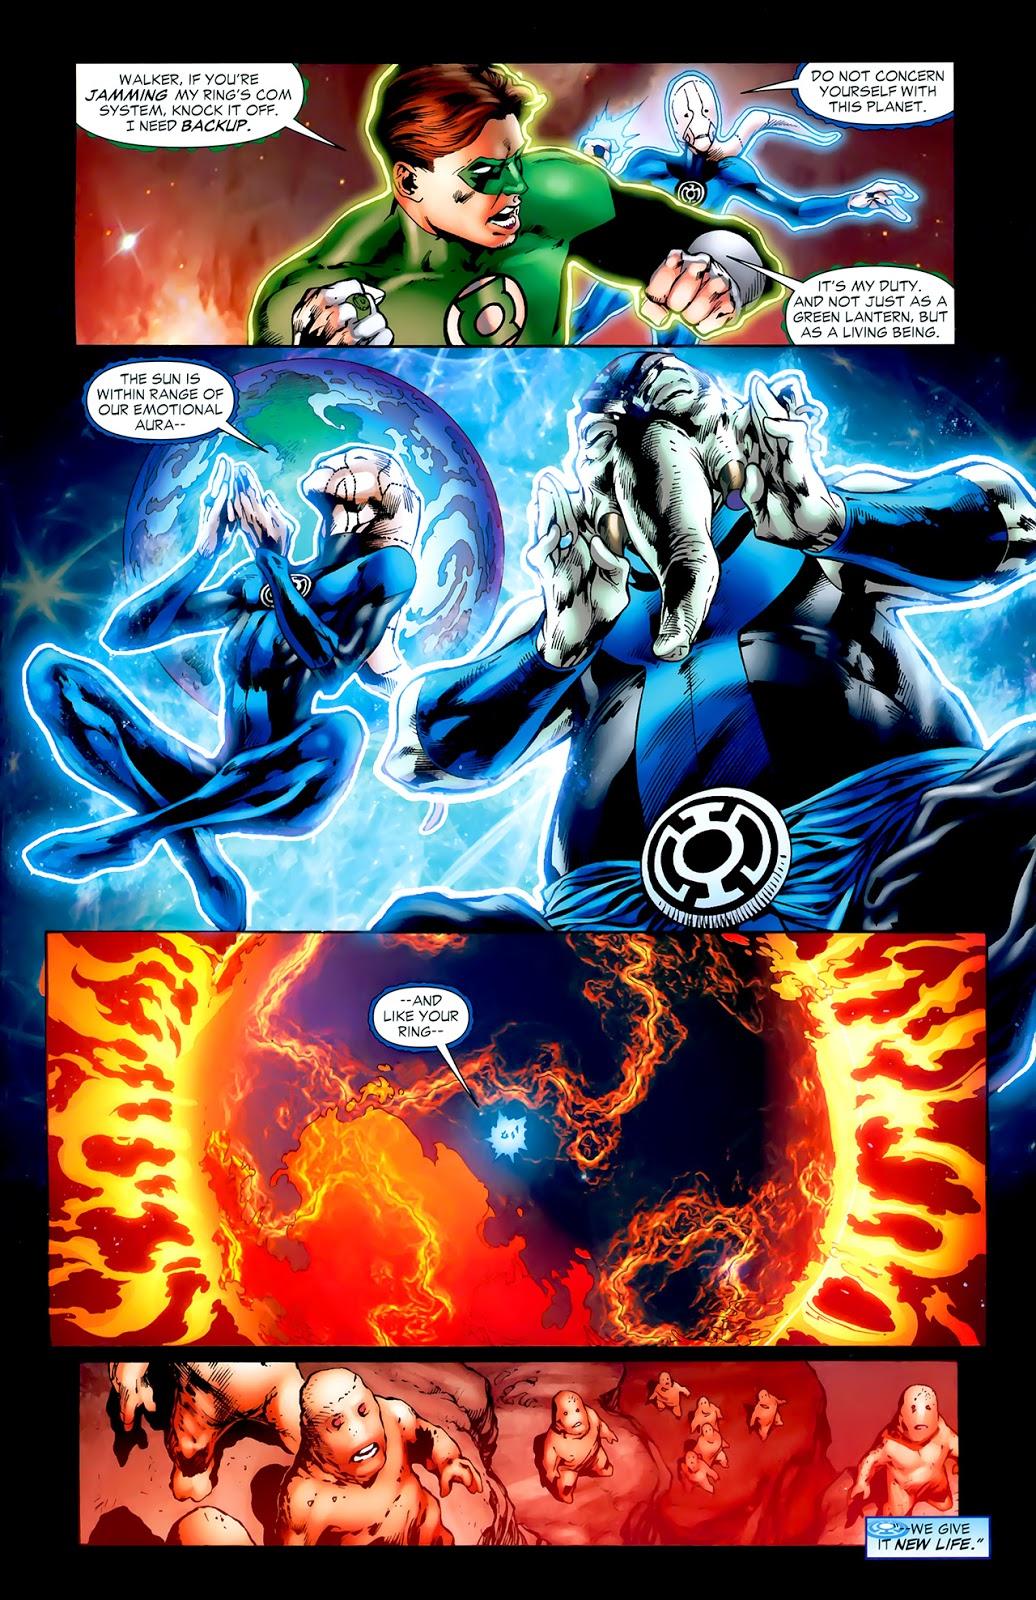 From – Green Lantern Vol. 4 #36